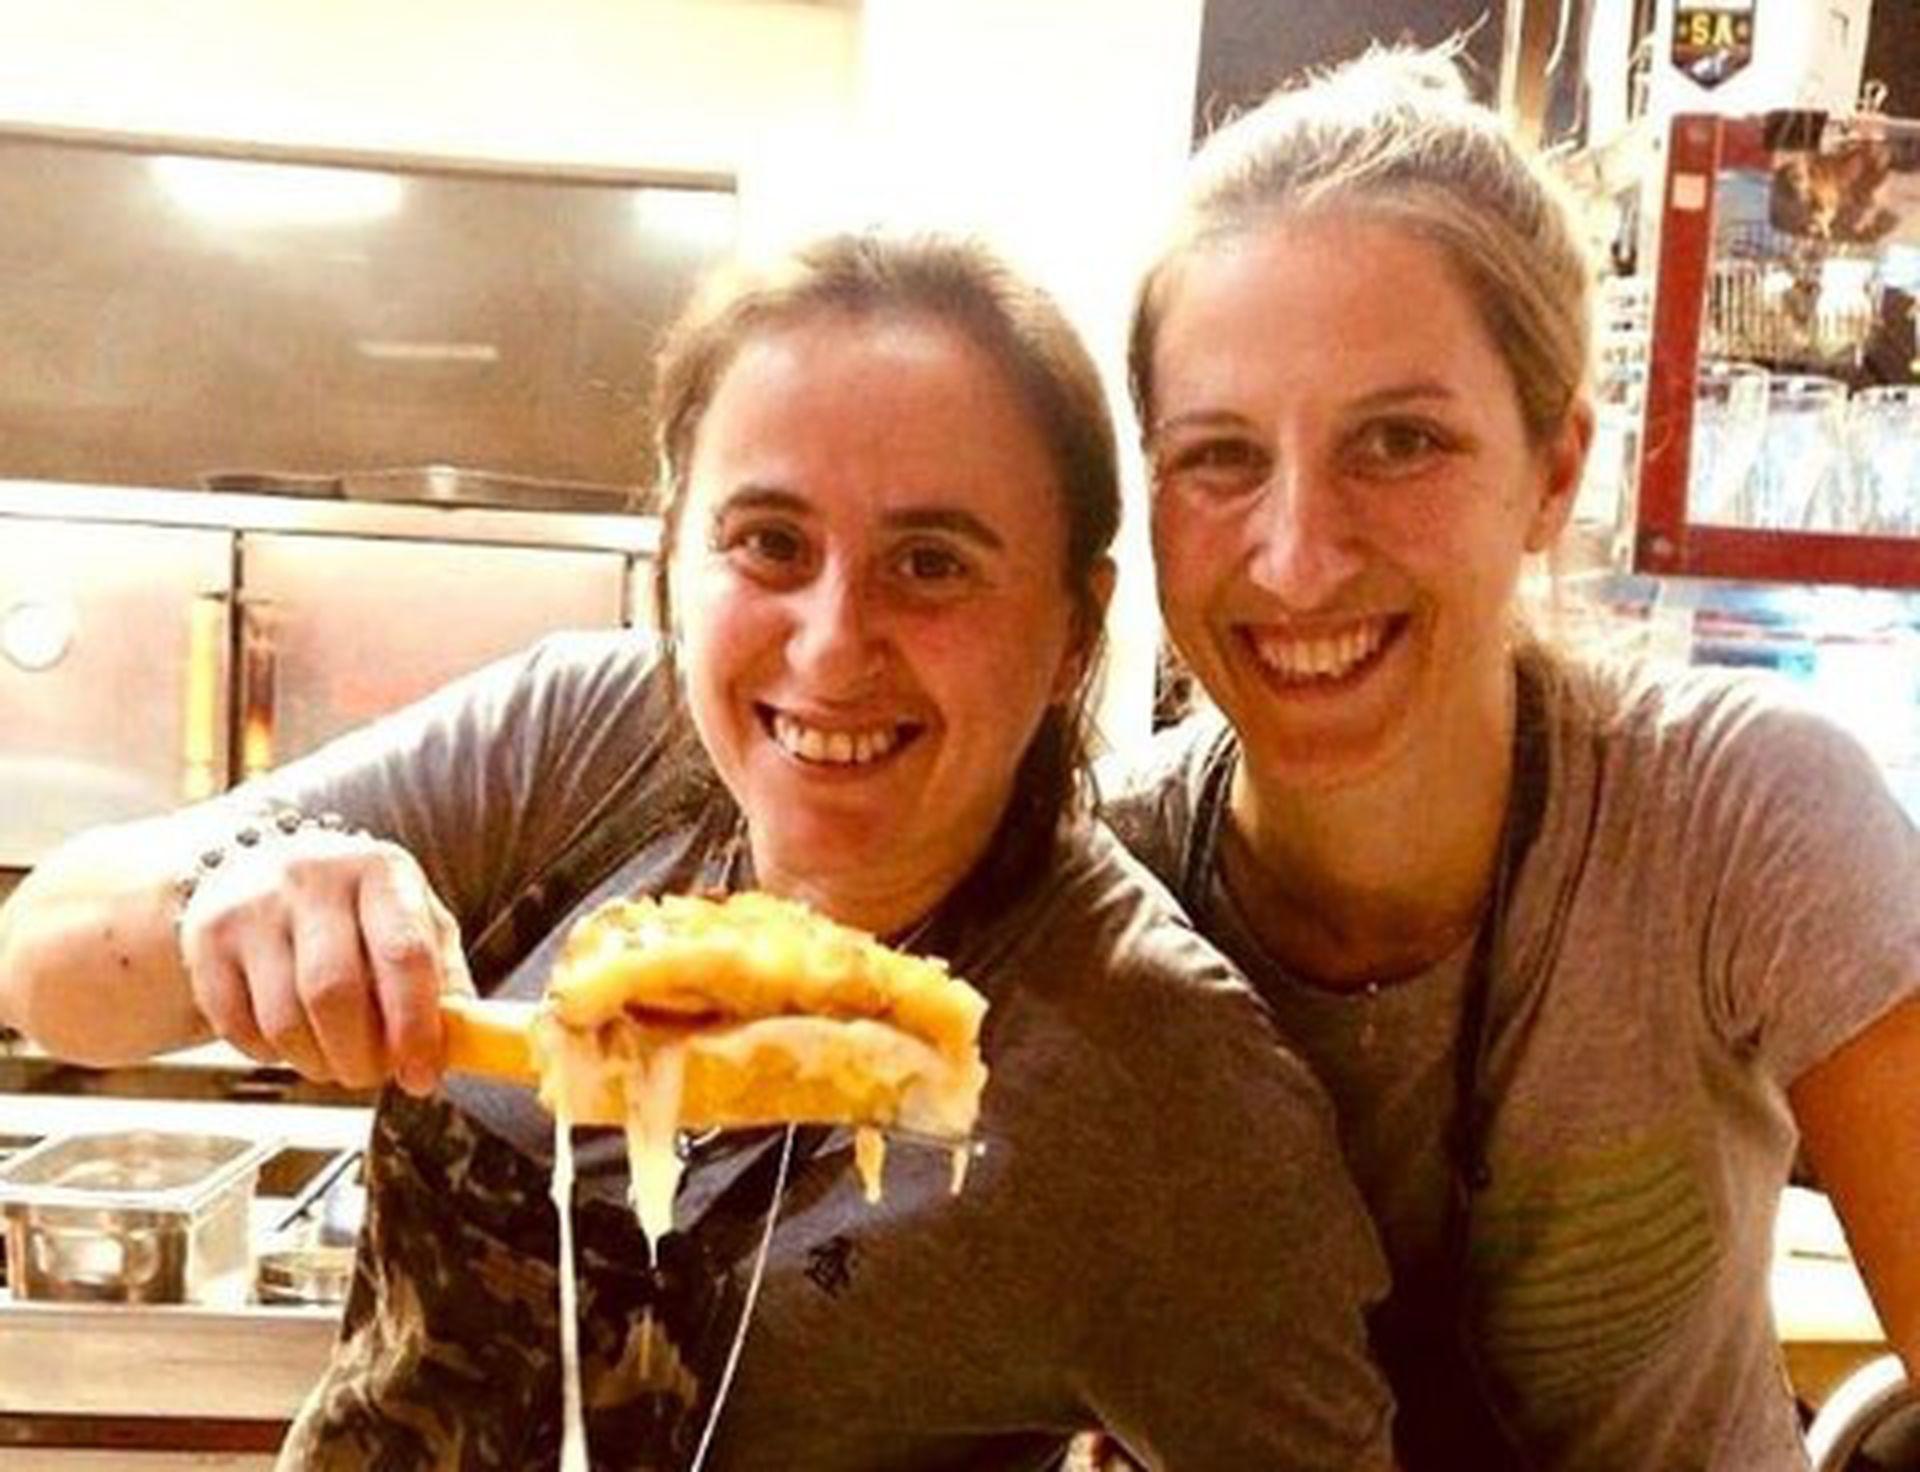 Pato y Romi. Protagonistas del episodio de Buenos Aires de Street Food Latinaomérica.